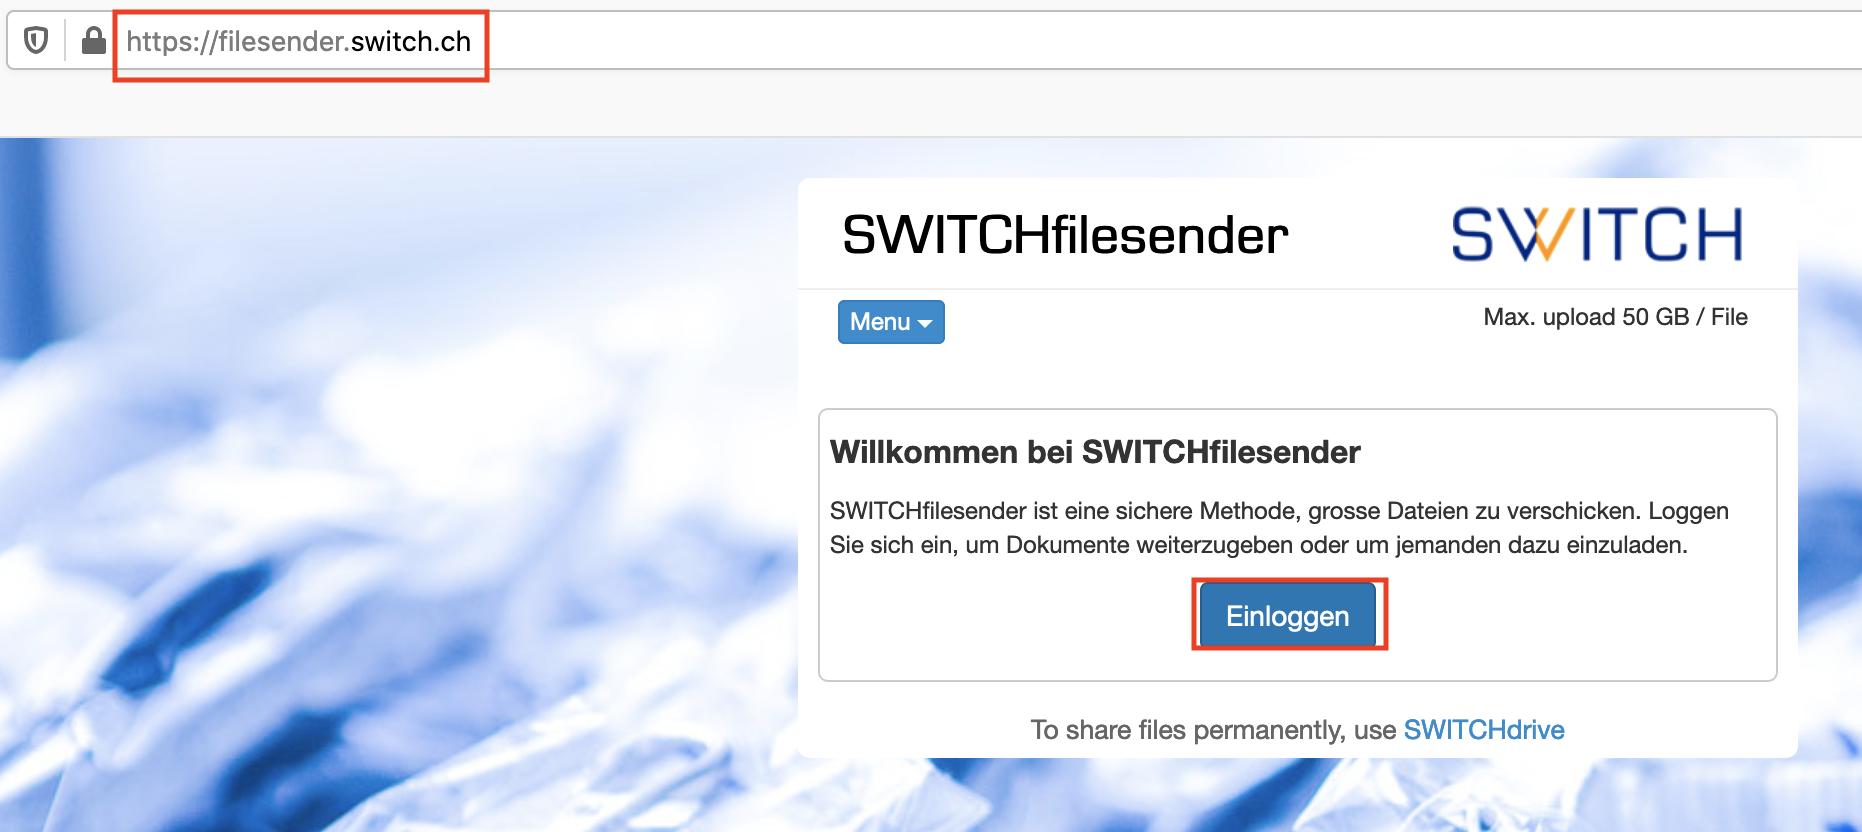 Startseite von switchfilesender